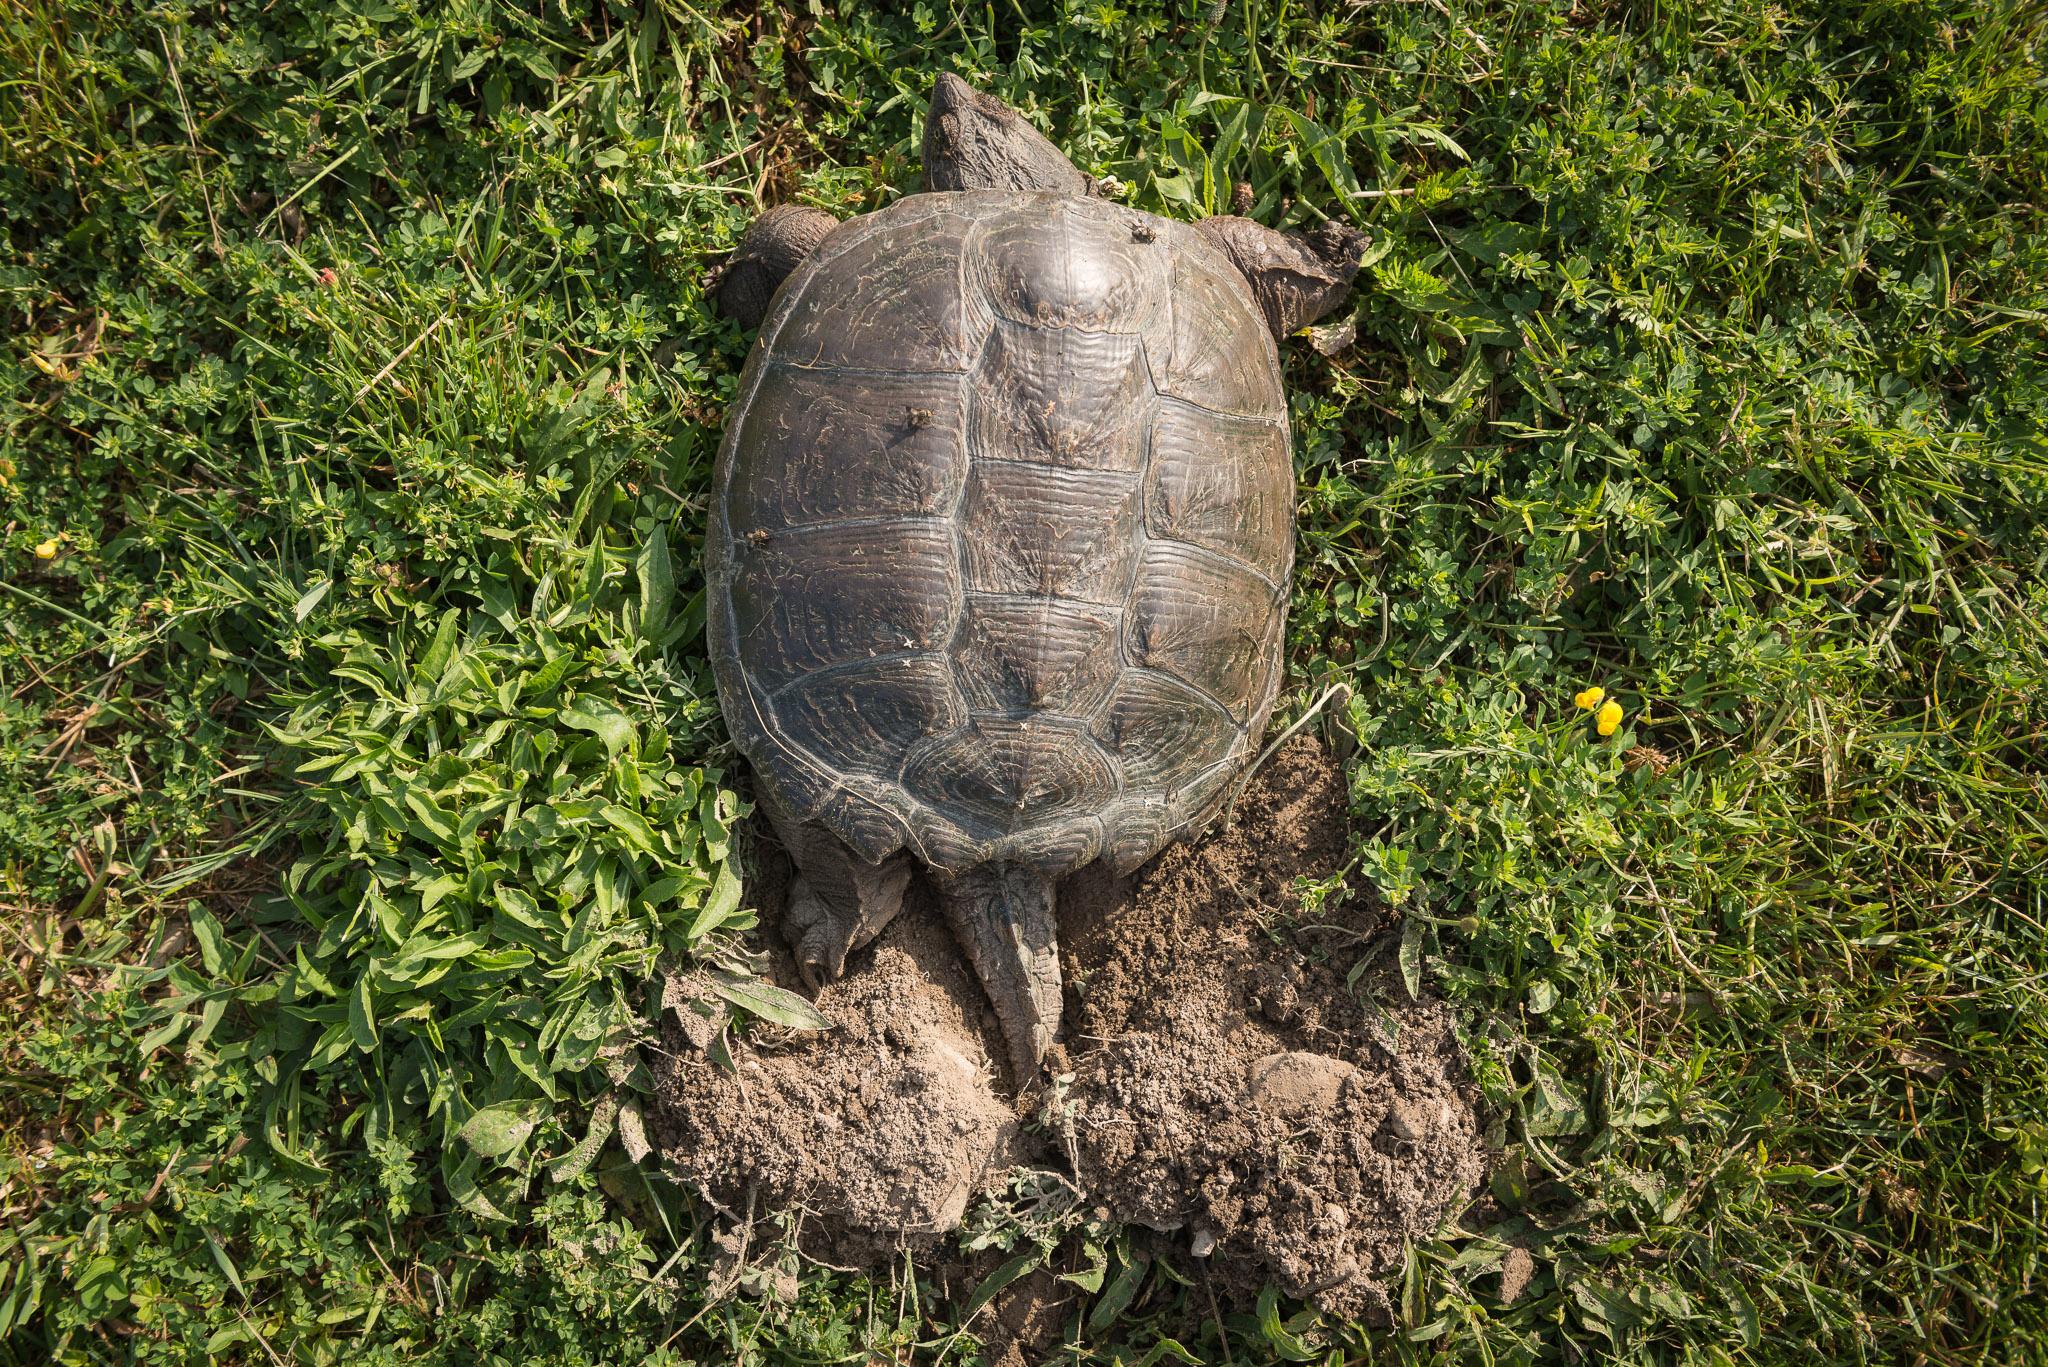 2016-06-20-JeremyJeziorski-Turtle-web-02.jpg